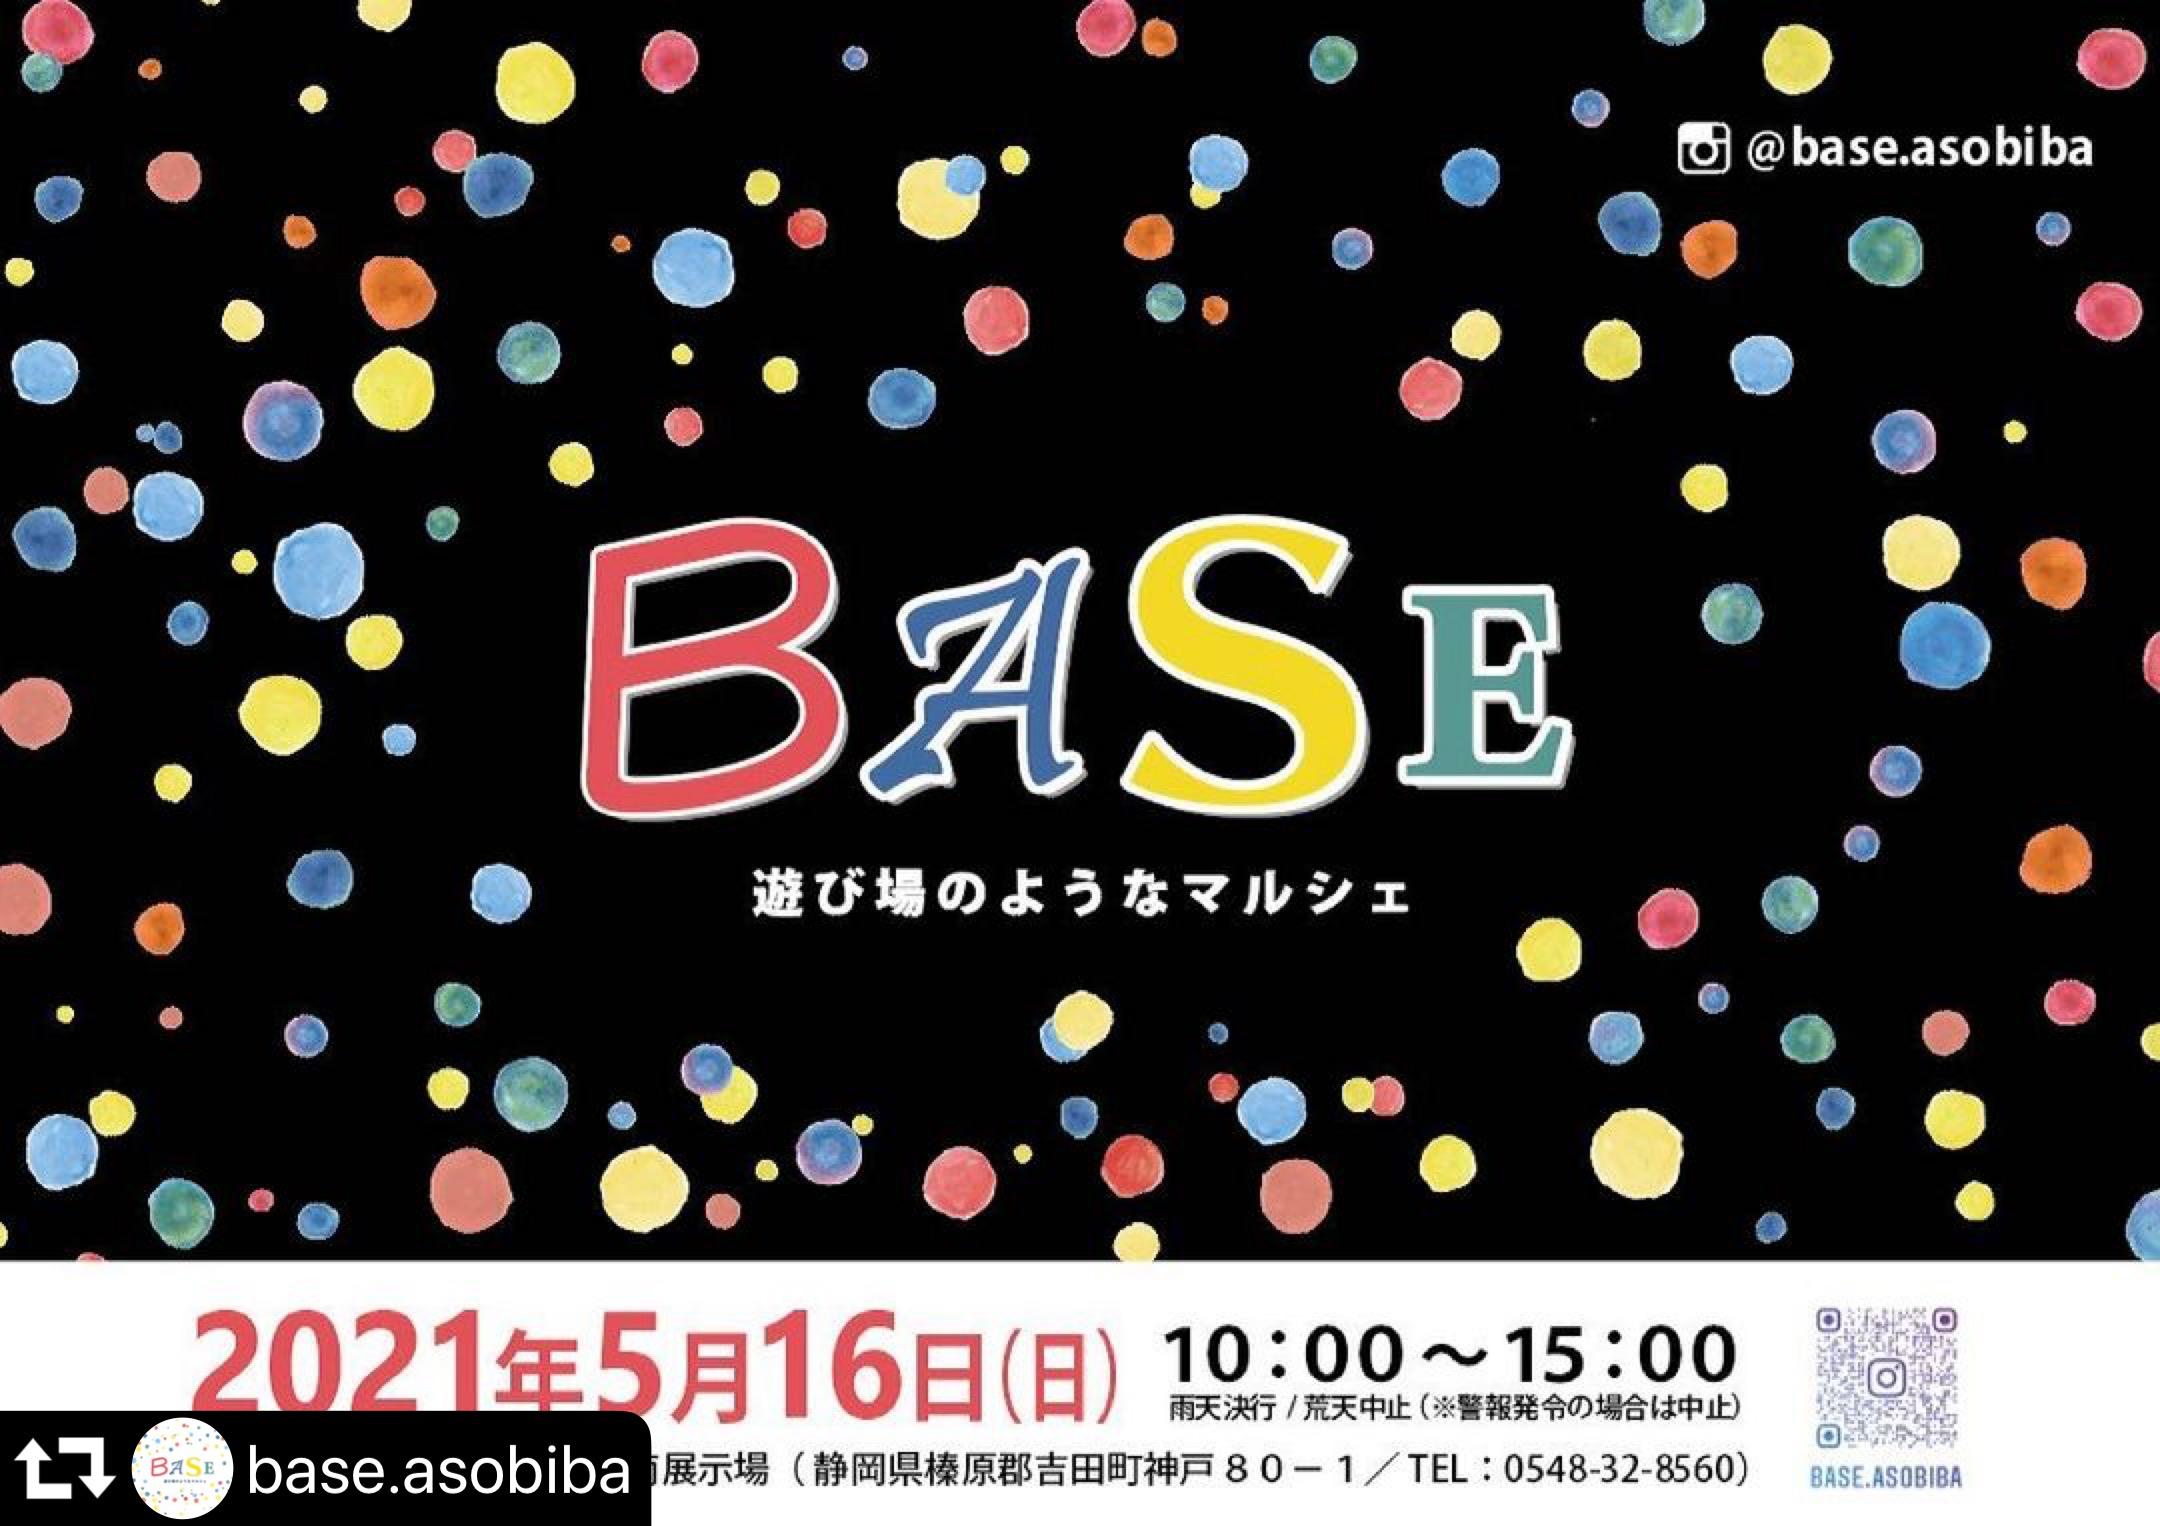 次回の出店は4月に引き続き「BASE」